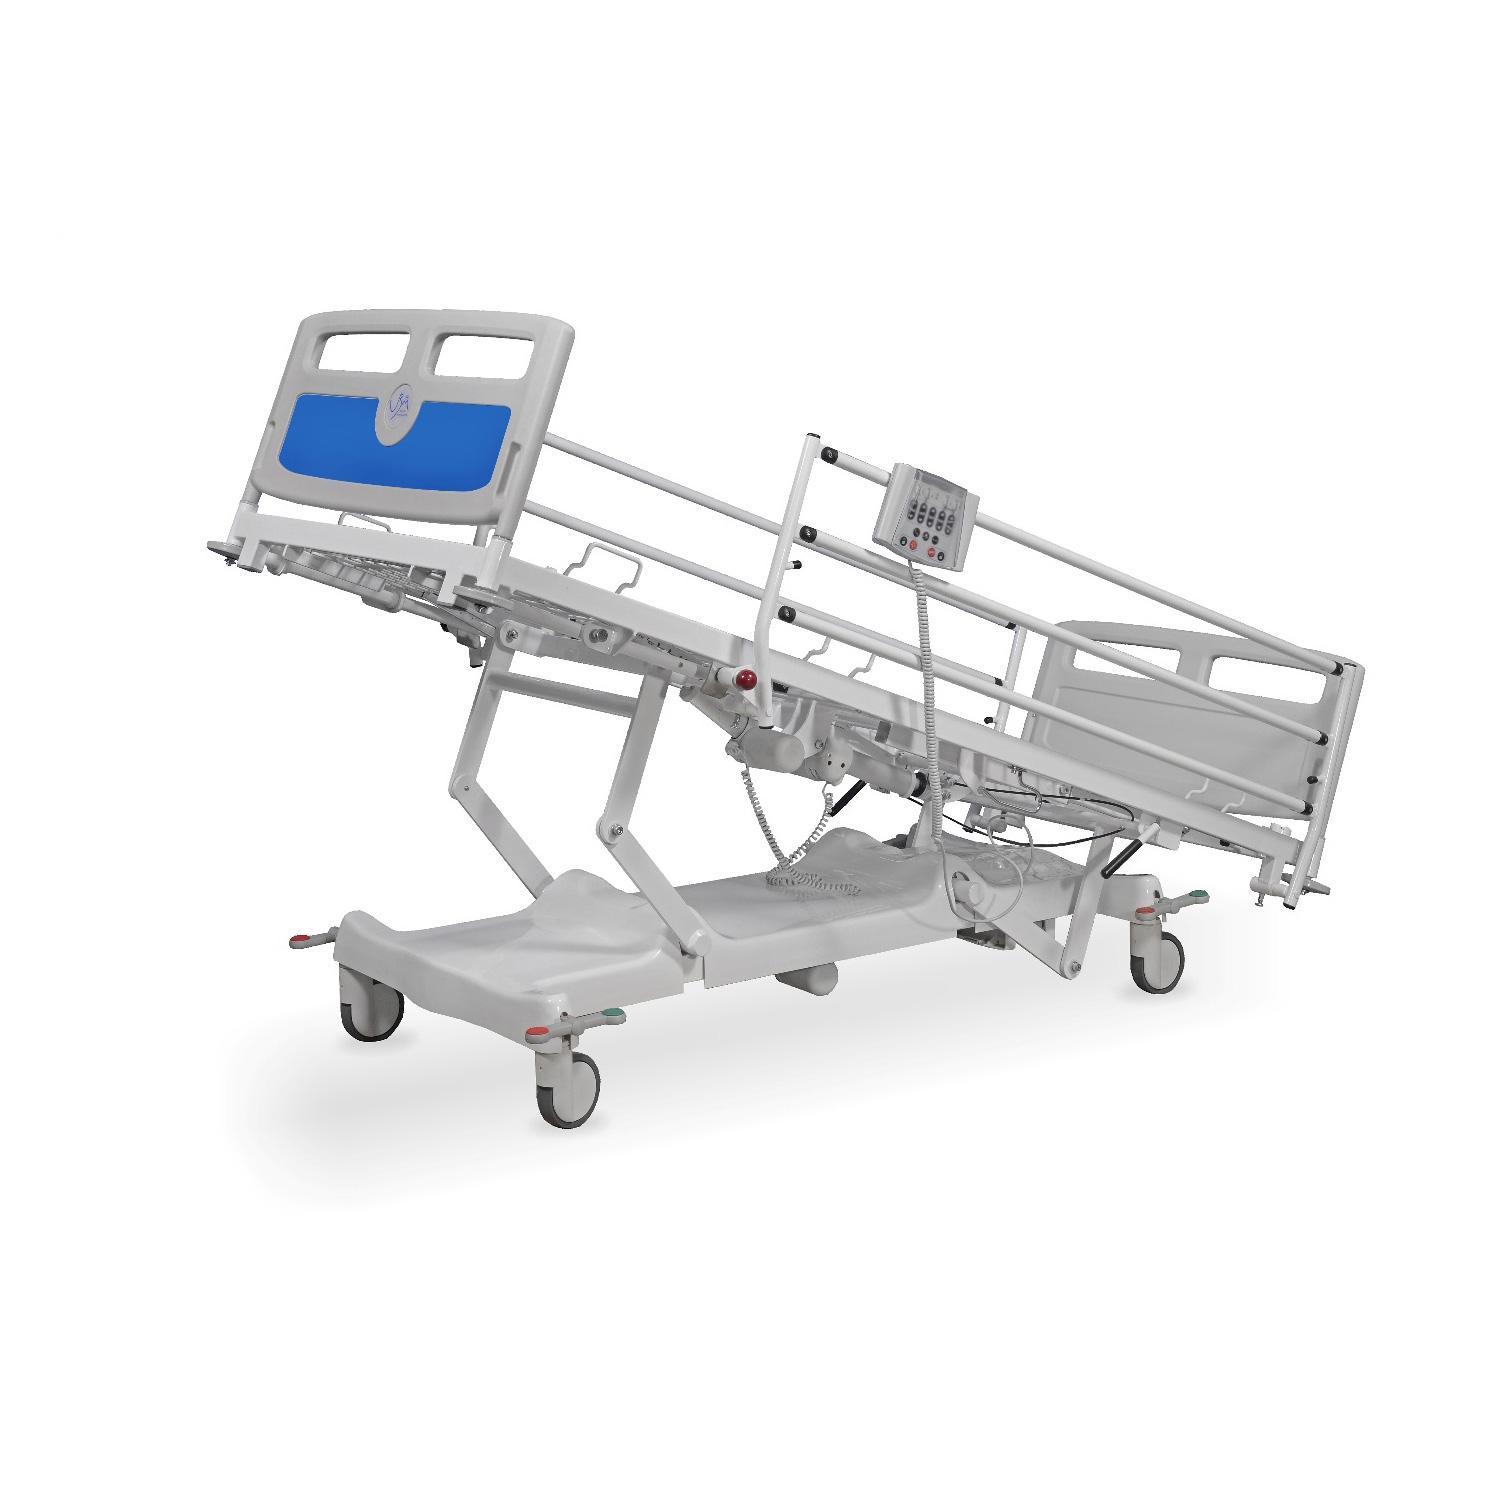 Wersa łóżko Szpitalne Elektryczne Z Elektrycznym Sterowaniem